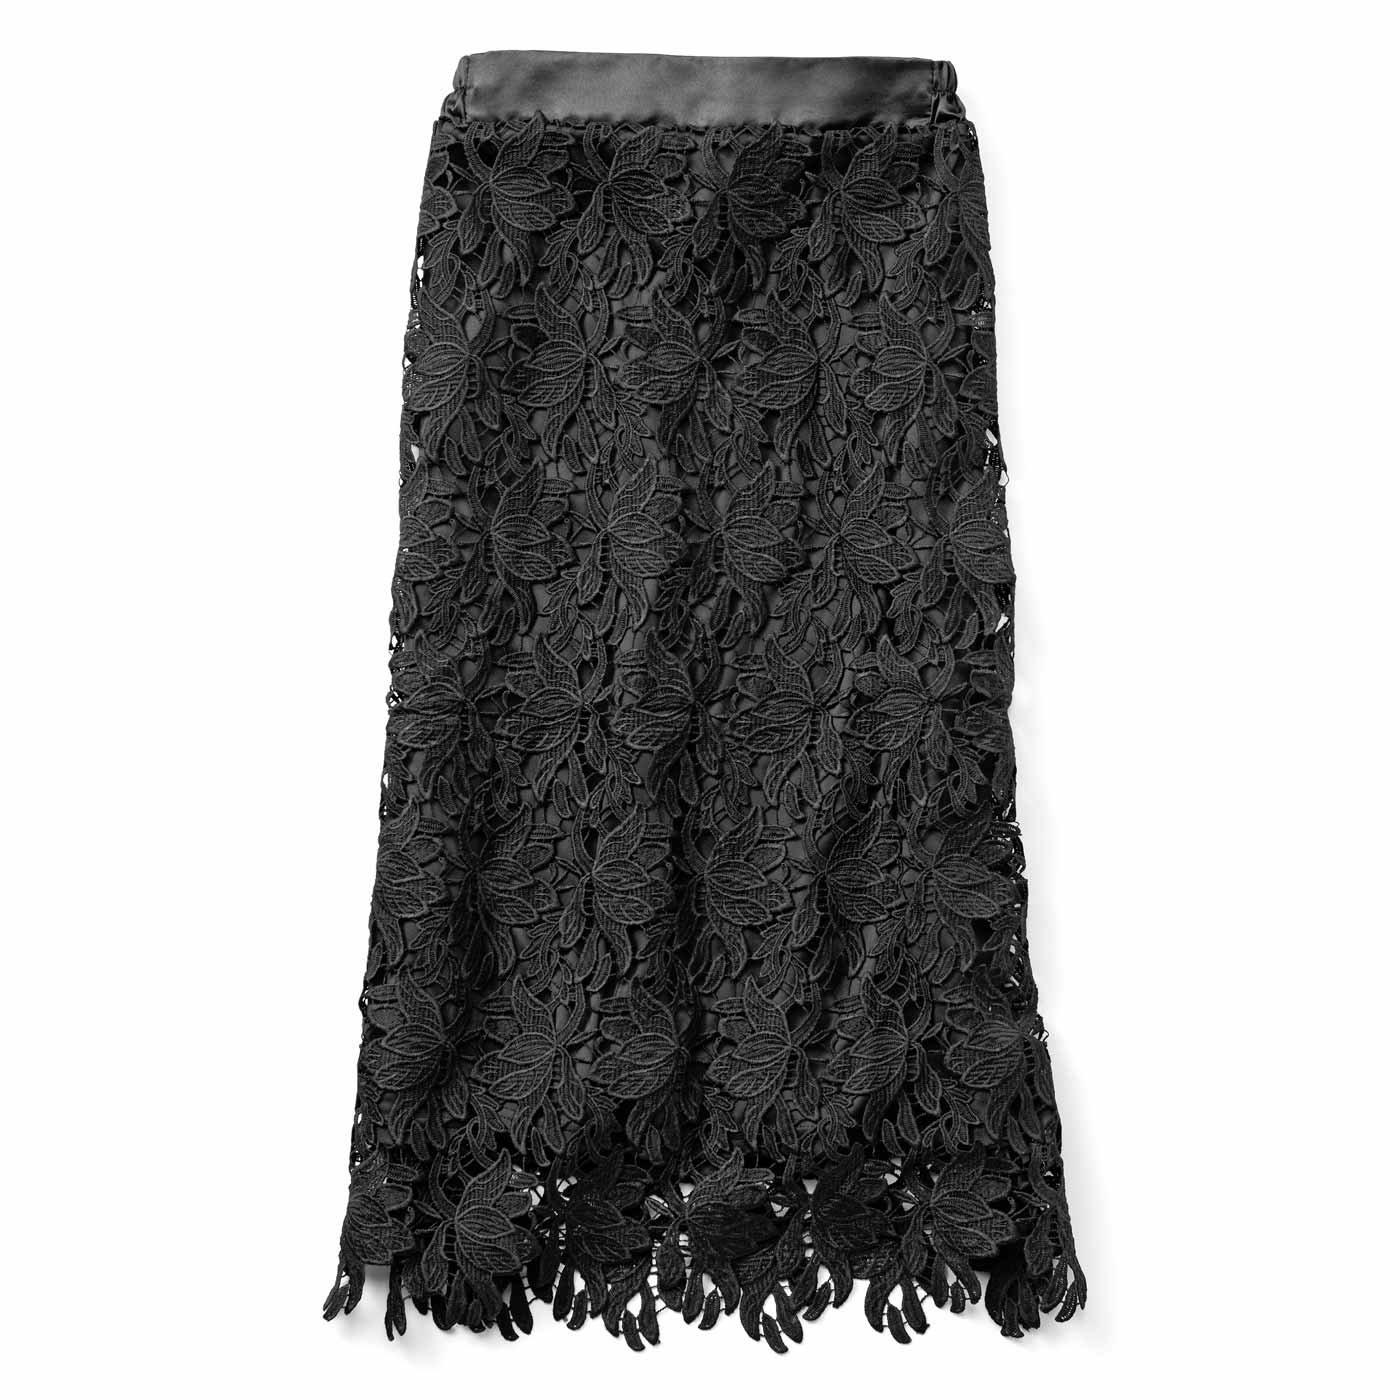 IEDIT[イディット] 繊細レースが女らしく華やぐ吸汗速乾スカート〈ブラック〉